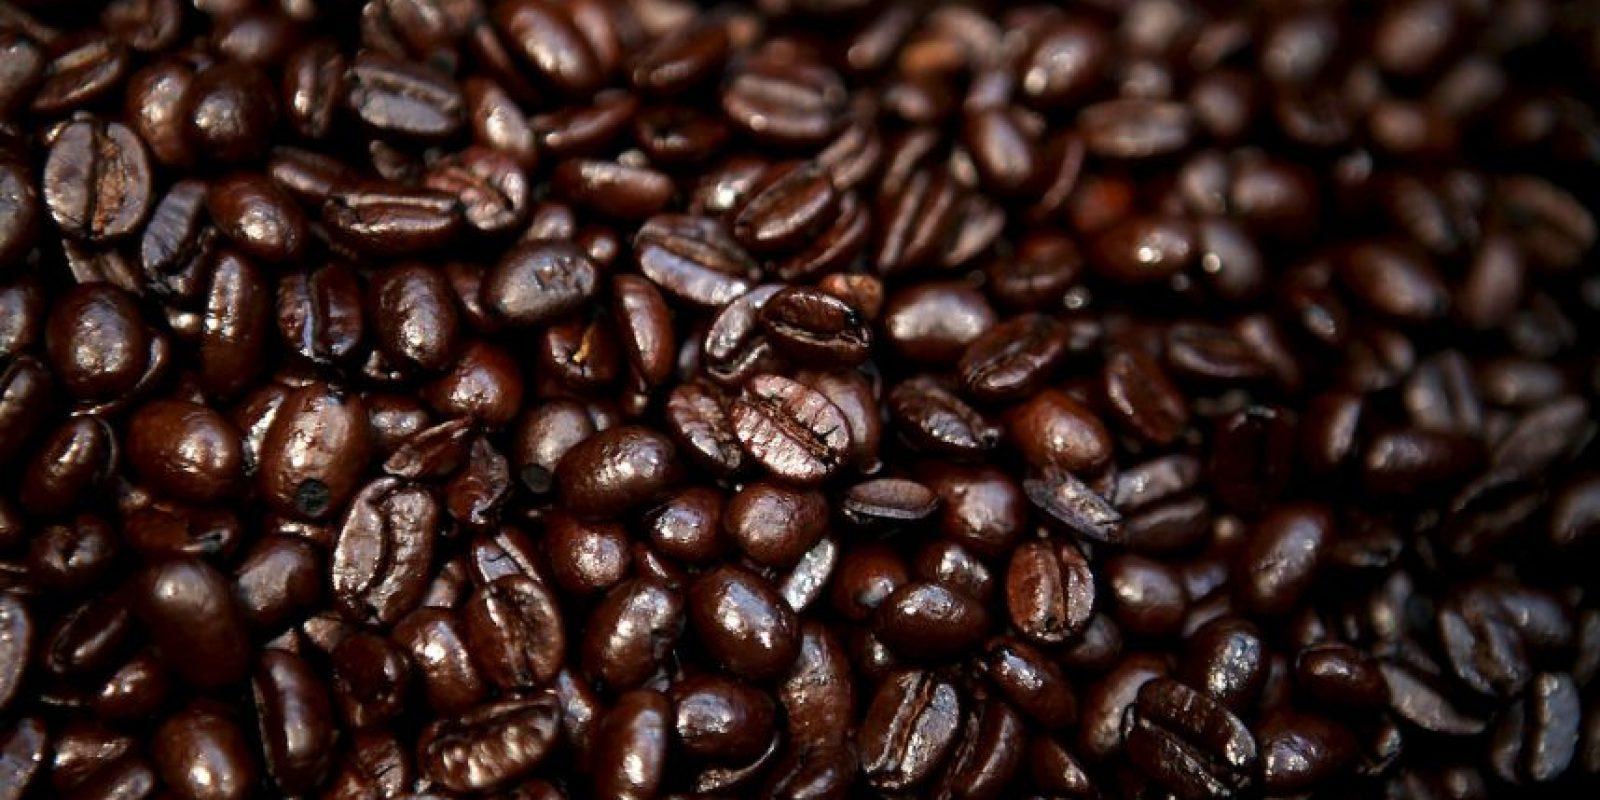 En un estudio realizado en Italia con 72 mil 284 personas se observó que la incidencia del asma descendía un 28% cuando se bebían tres o más tazas de café al día. Foto:Getty Images